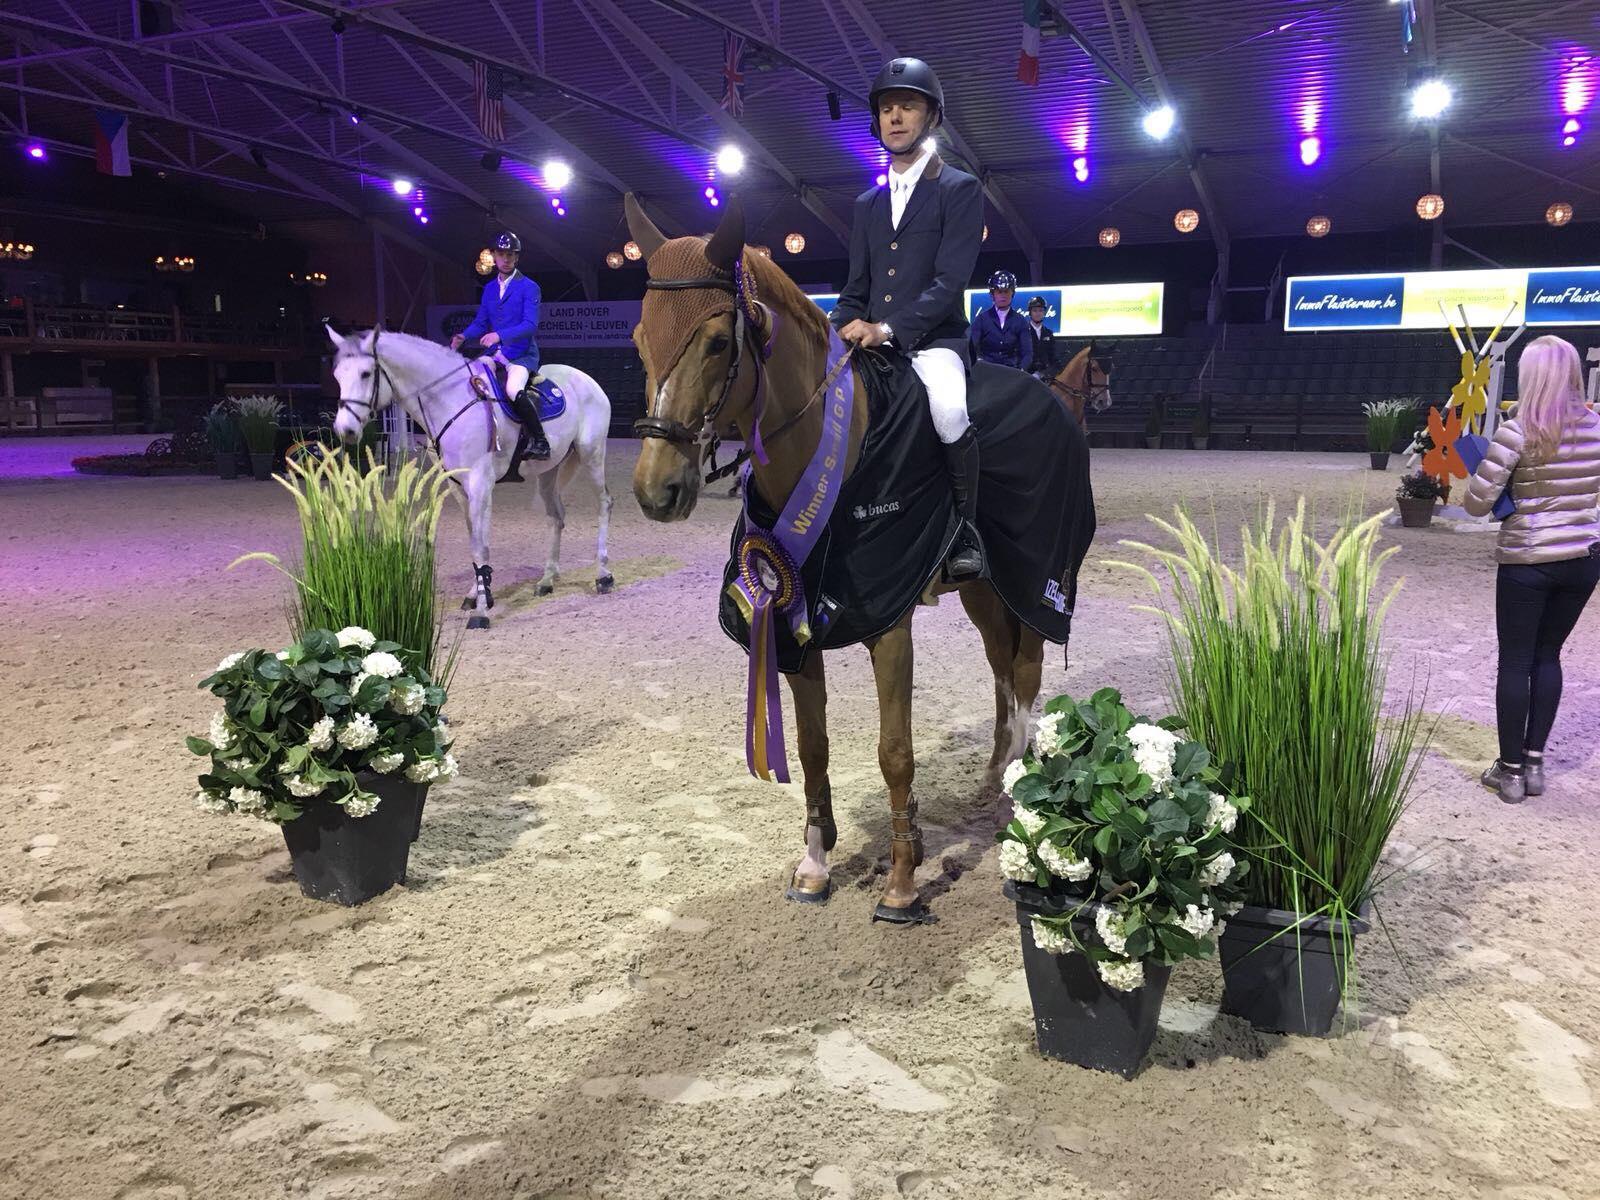 Top cinq pour Philippe Rozier , septième place pour Wilm Vermeir